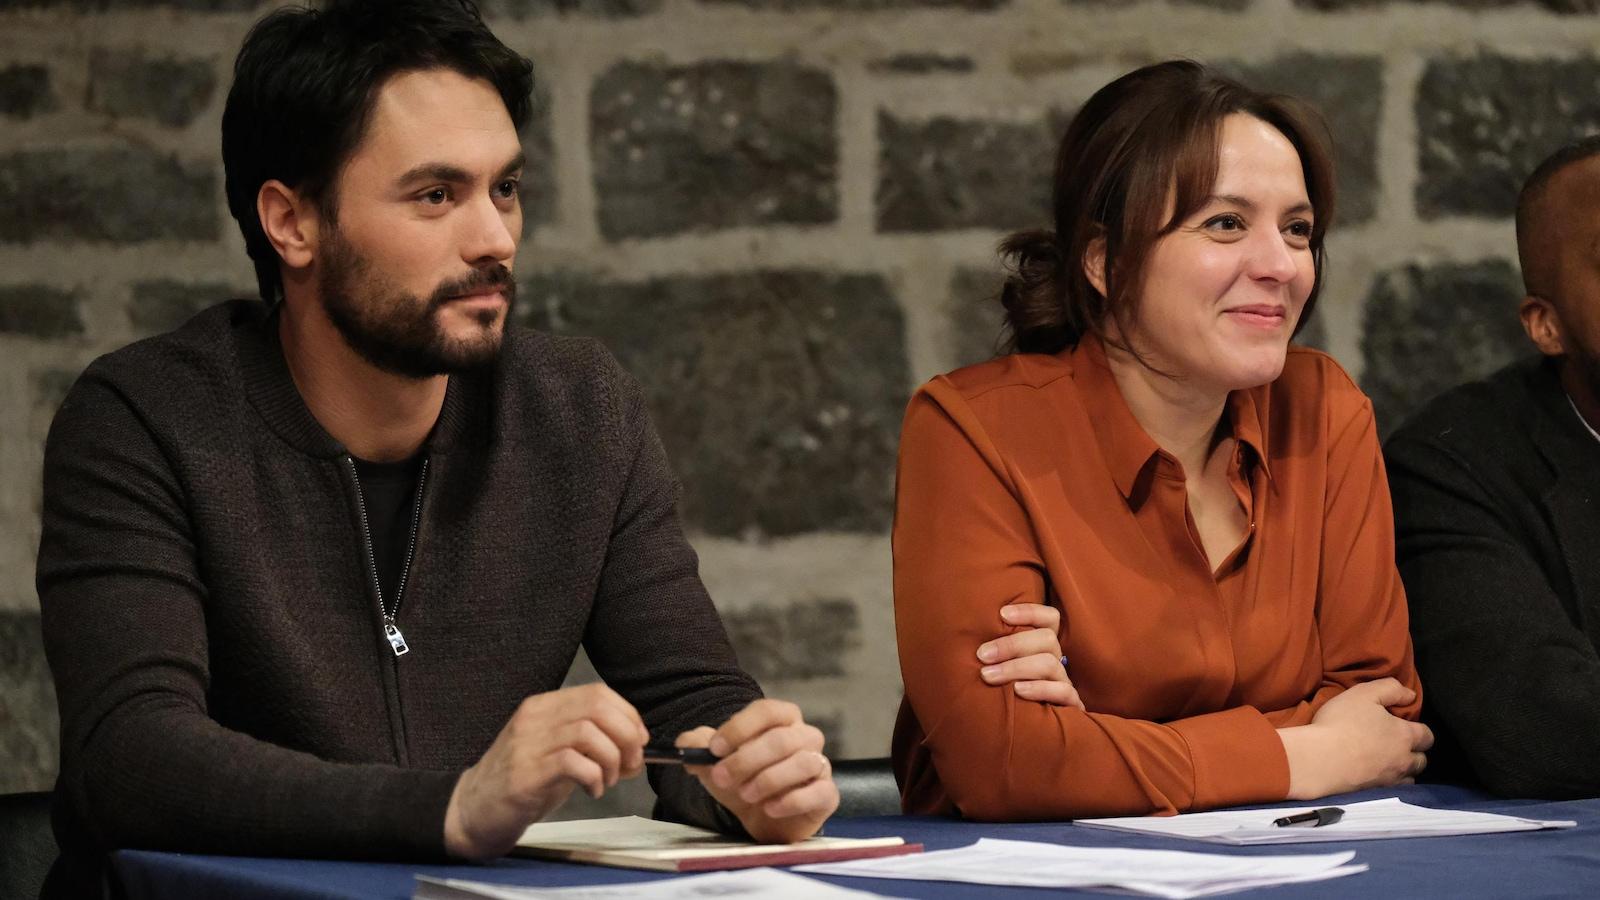 Les deux personnes sont assises à une table et sourient.